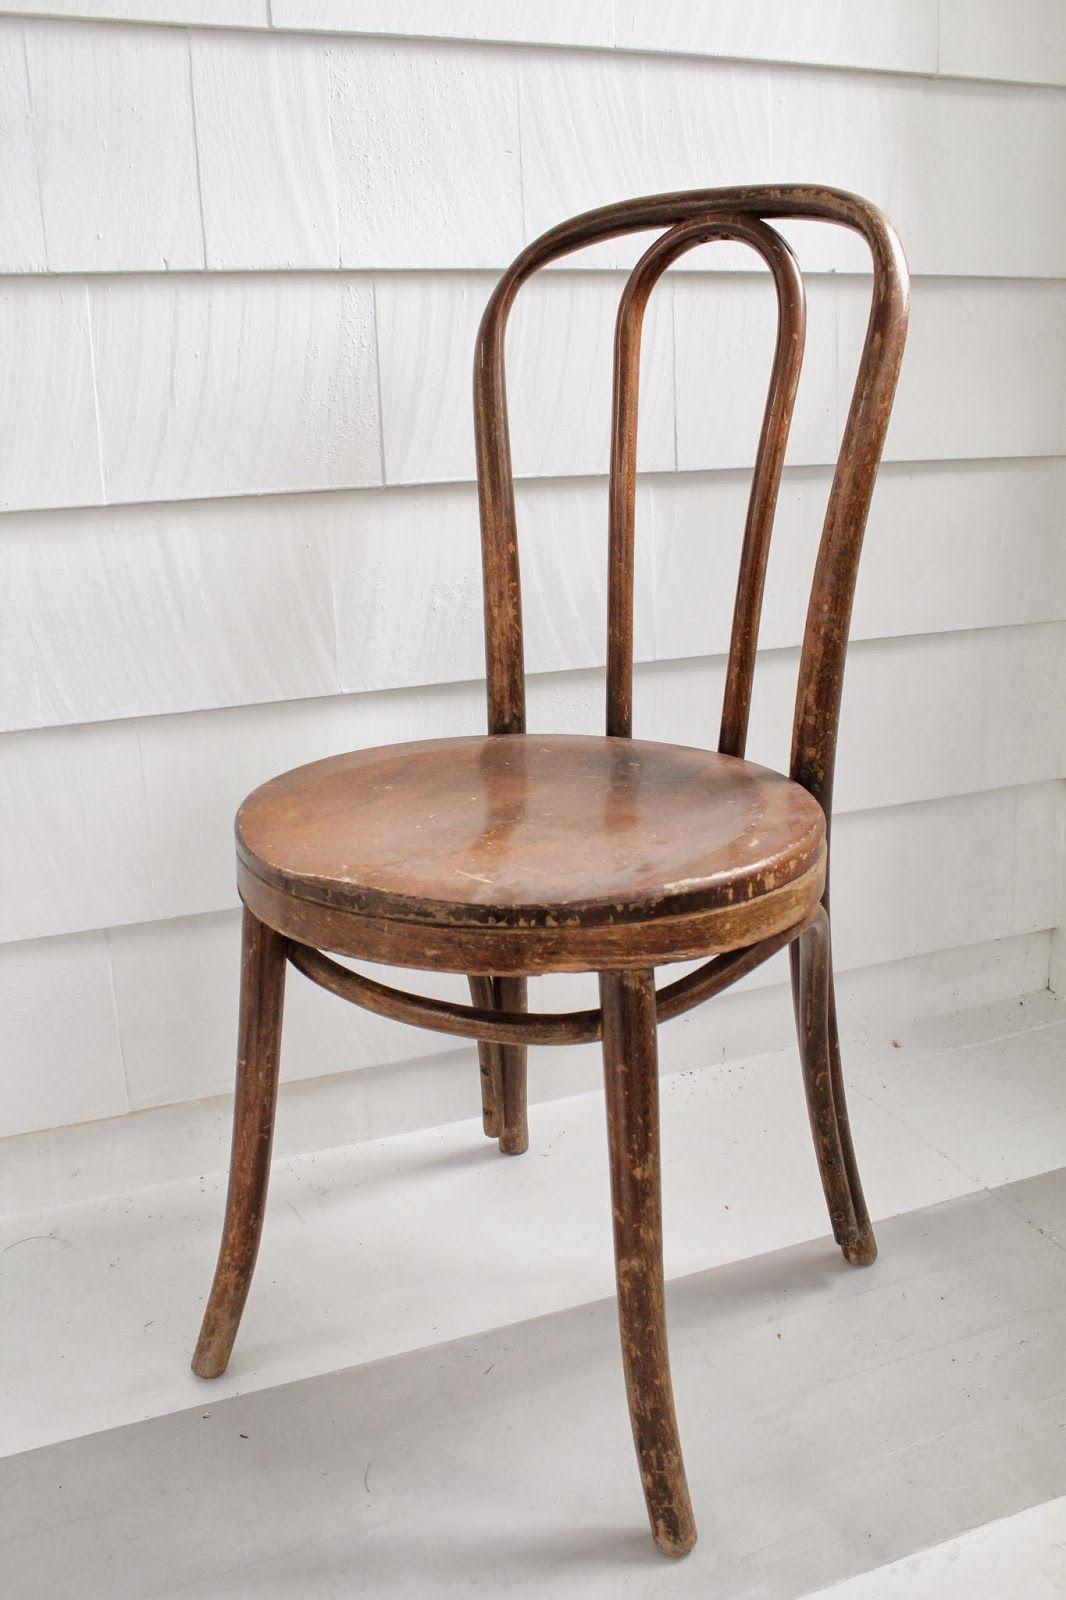 Alten Stuhl Mobel Design Ideen Mehr Auf Unserer Website Badezimmer Vintage Stuhle Alte Stuhle Stuhle